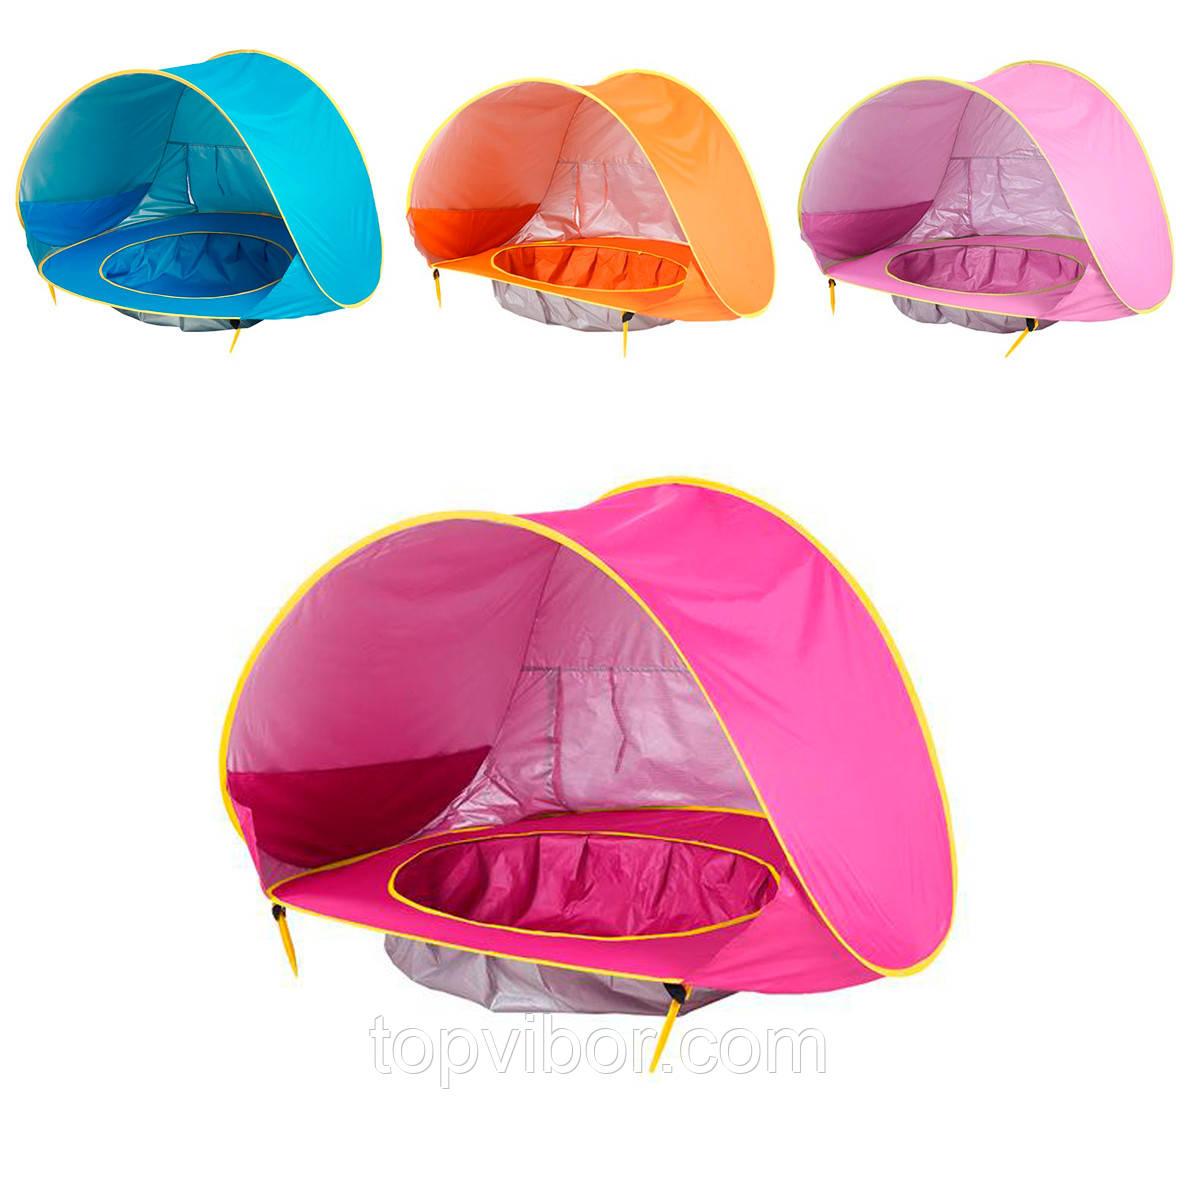 Палатка для детей игровая и детский бассейн 117х79см Малиновая, детская палатка для, пляжа палатка дитяча (VT)